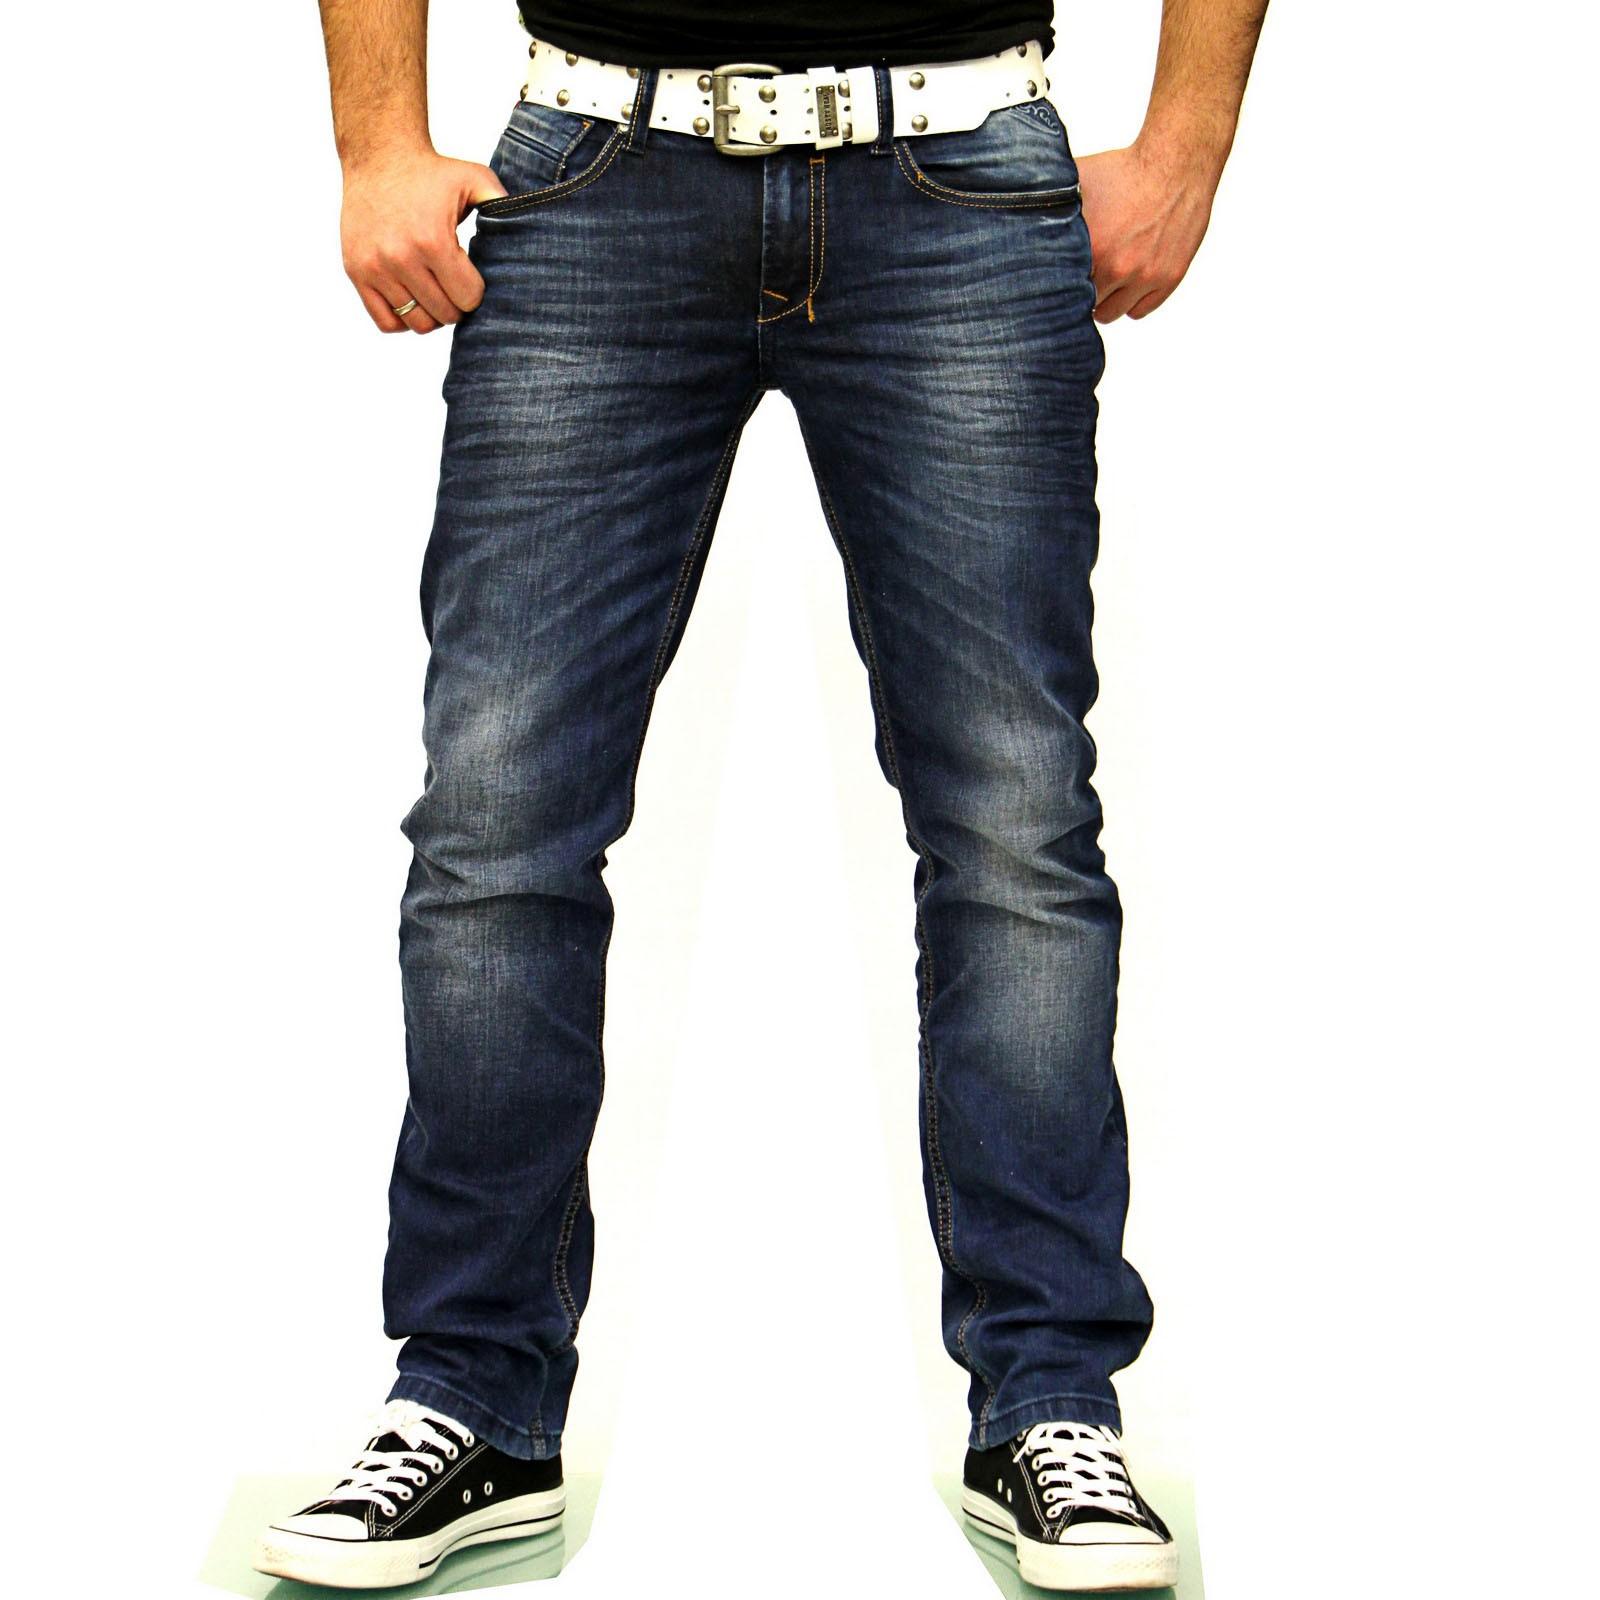 Herren Jeans Blau Hose Vintage Used Look A17638